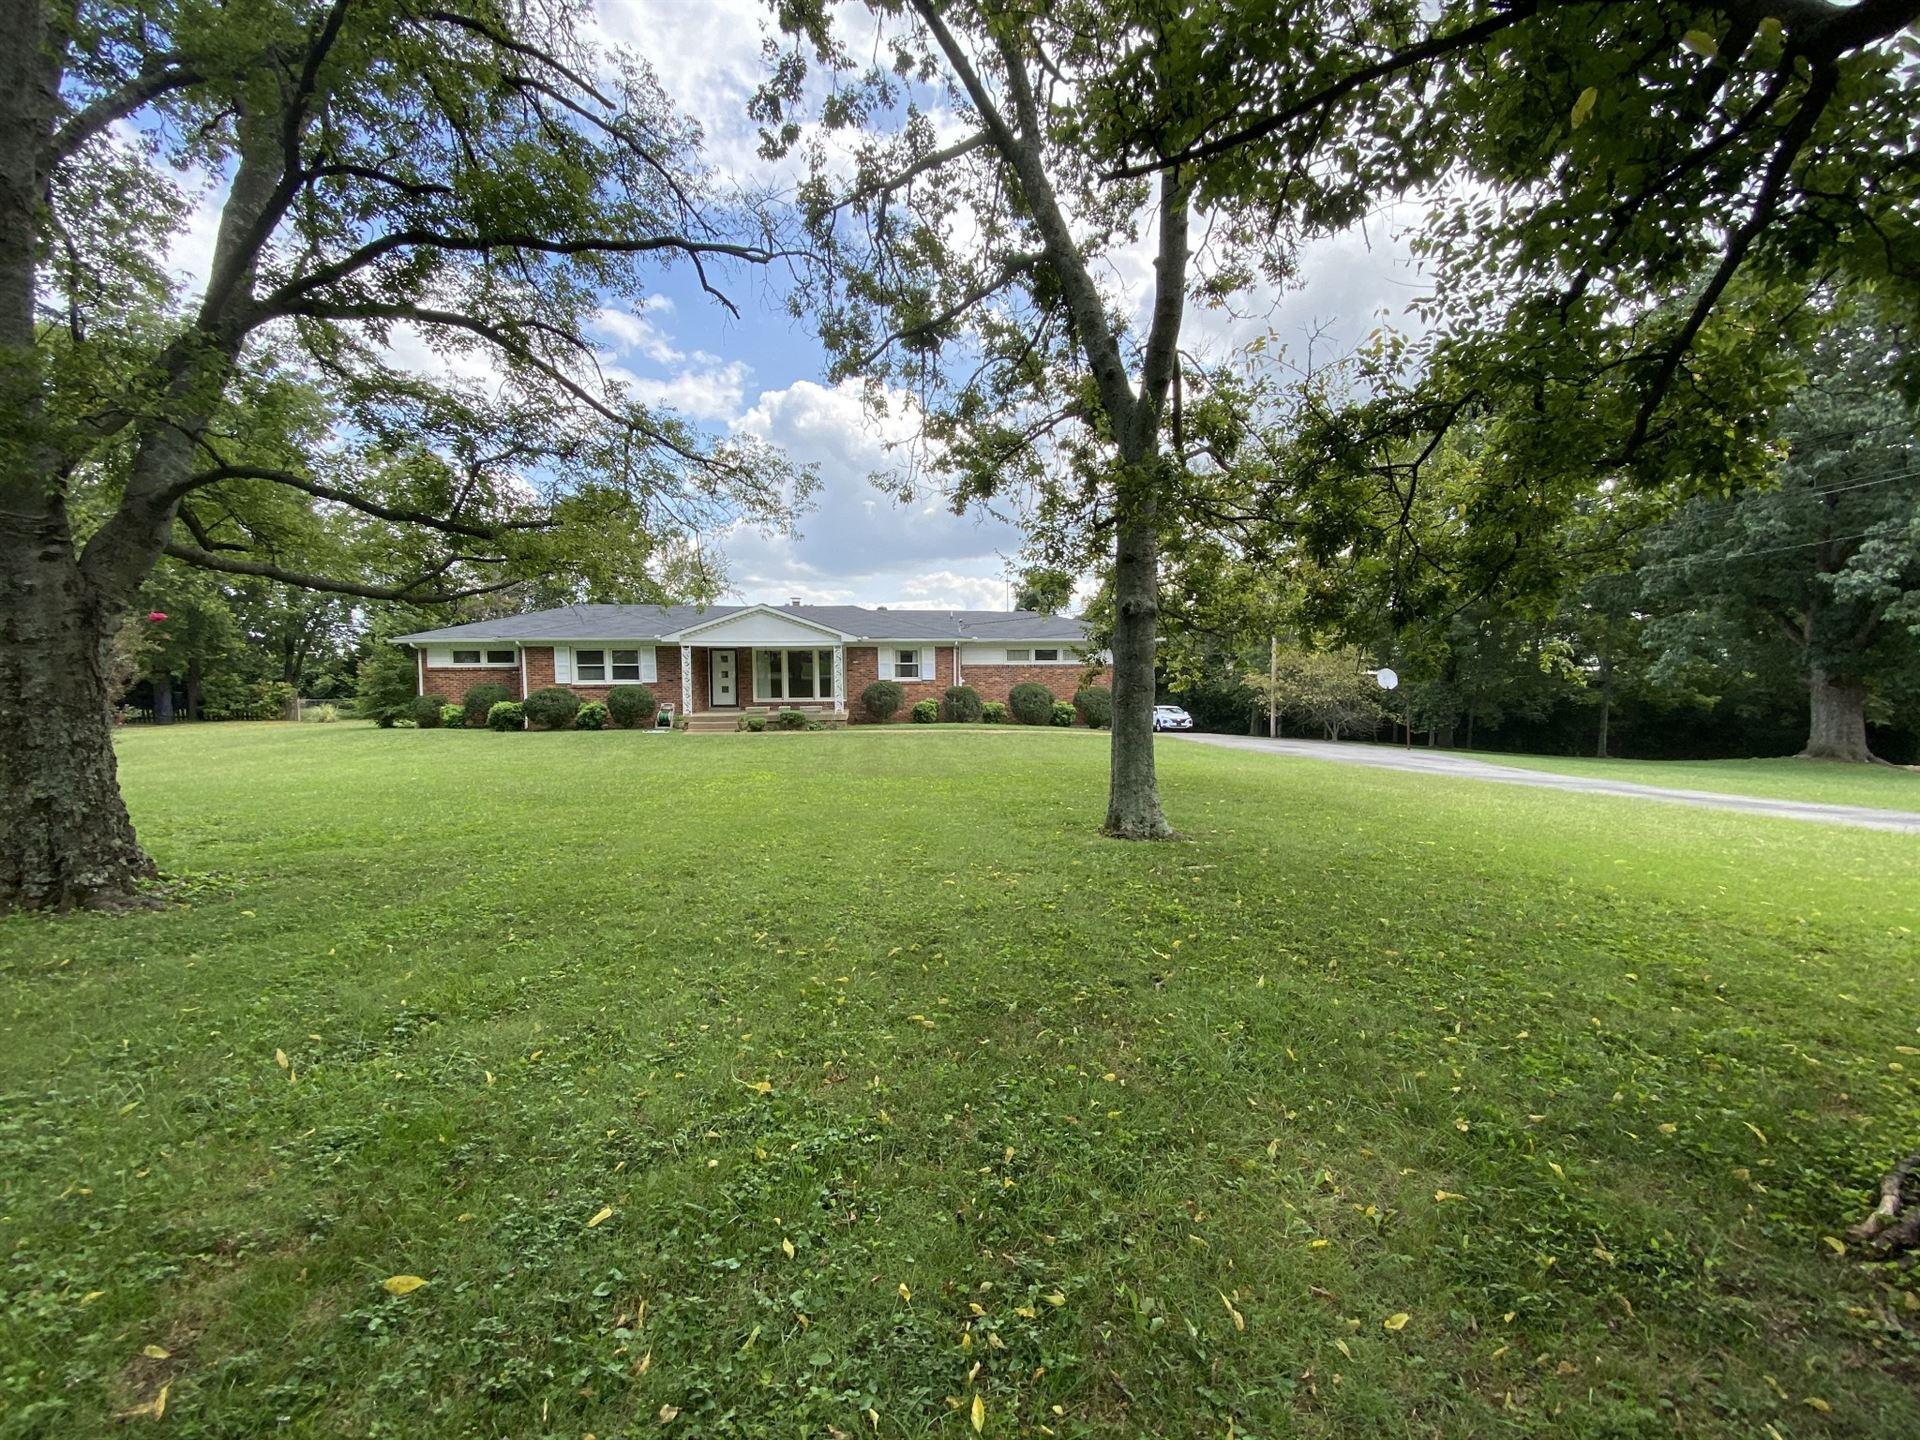 Photo of 4424 Prescott Rd, Nashville, TN 37204 (MLS # 2190512)